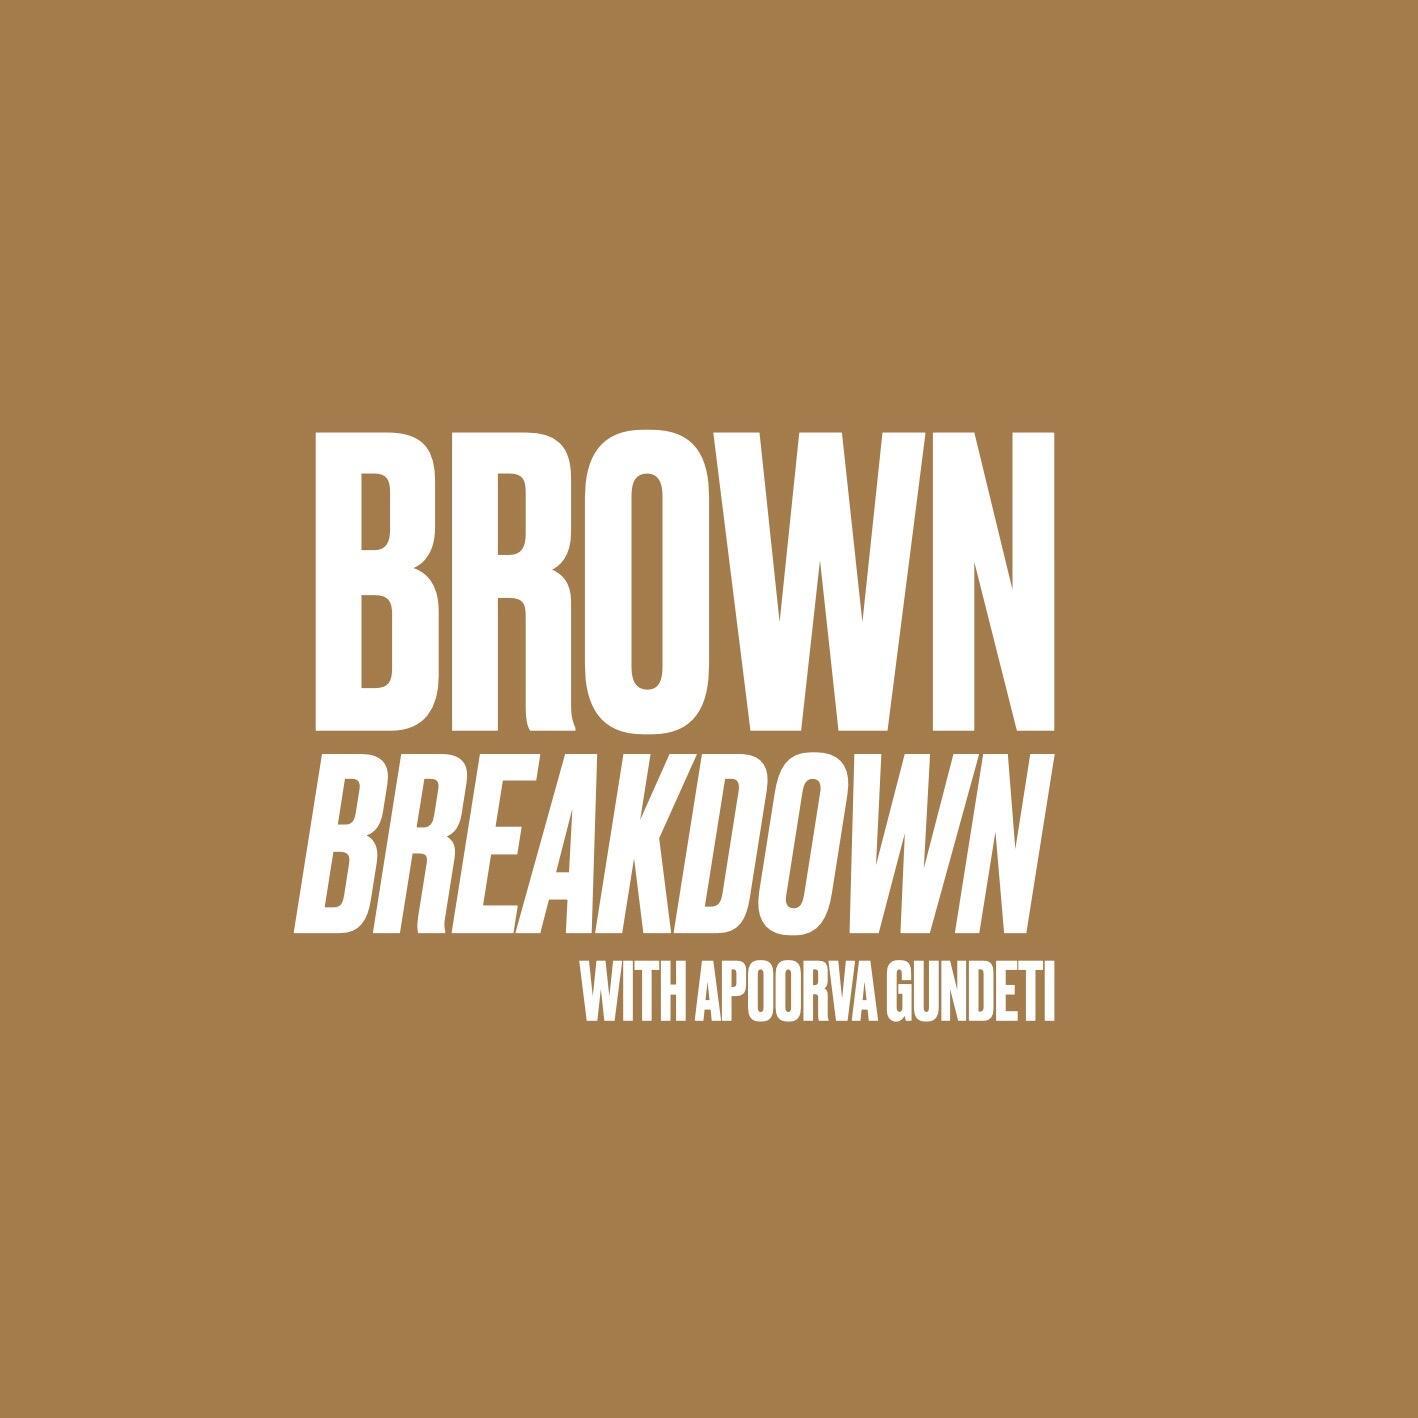 Brown Breakdown with Apoorva Gundeti